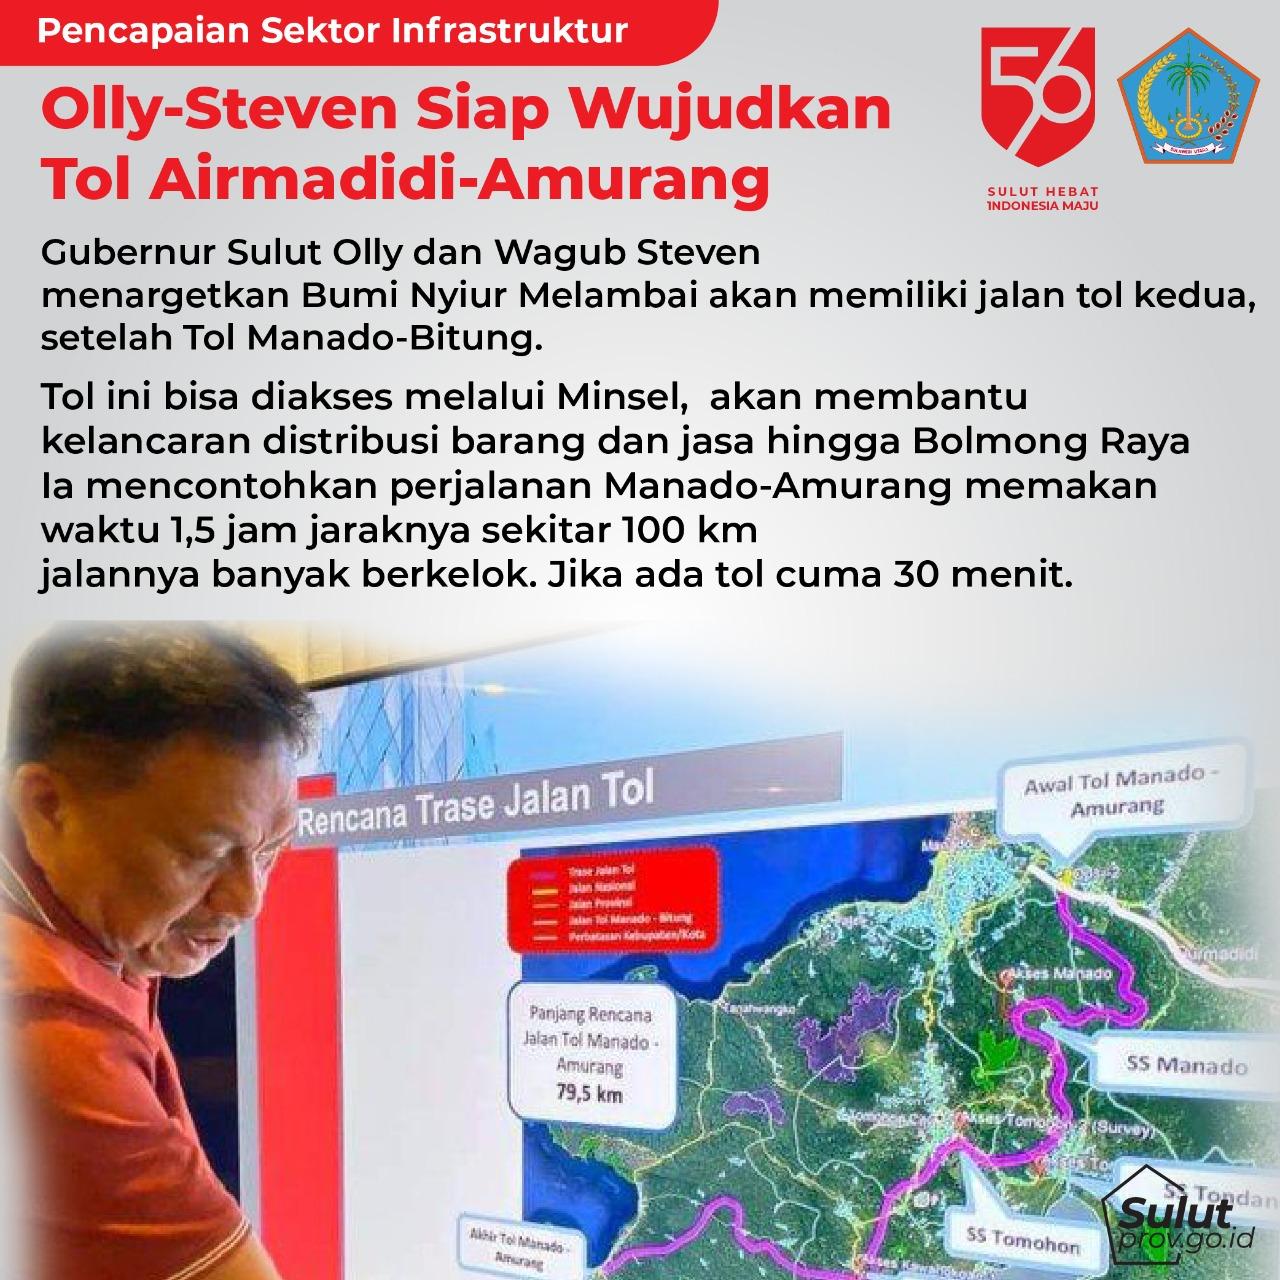 Pencapaian Sektor Infrastruktur Gubernur Sulawesi Utara Olly Dondokambey dan Wakil Gubernur Sulawesi Utara Steven Kandouw